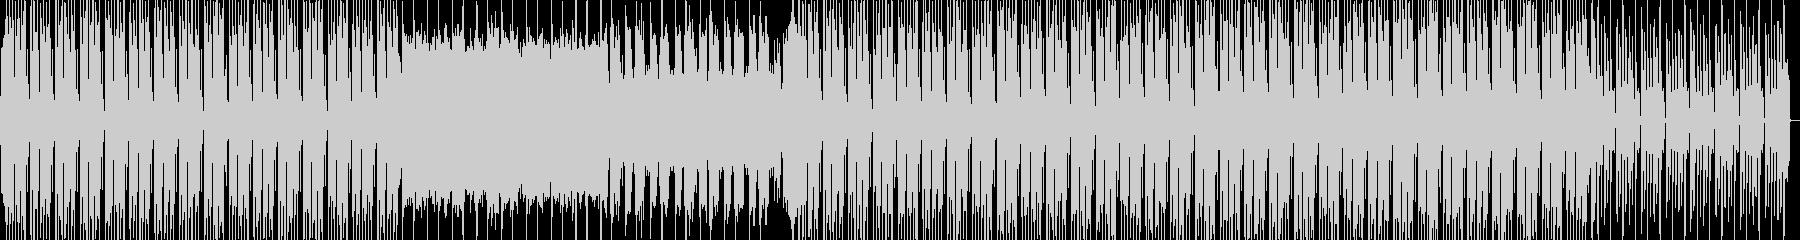 明るいポジティブなエレクトロBGMの未再生の波形